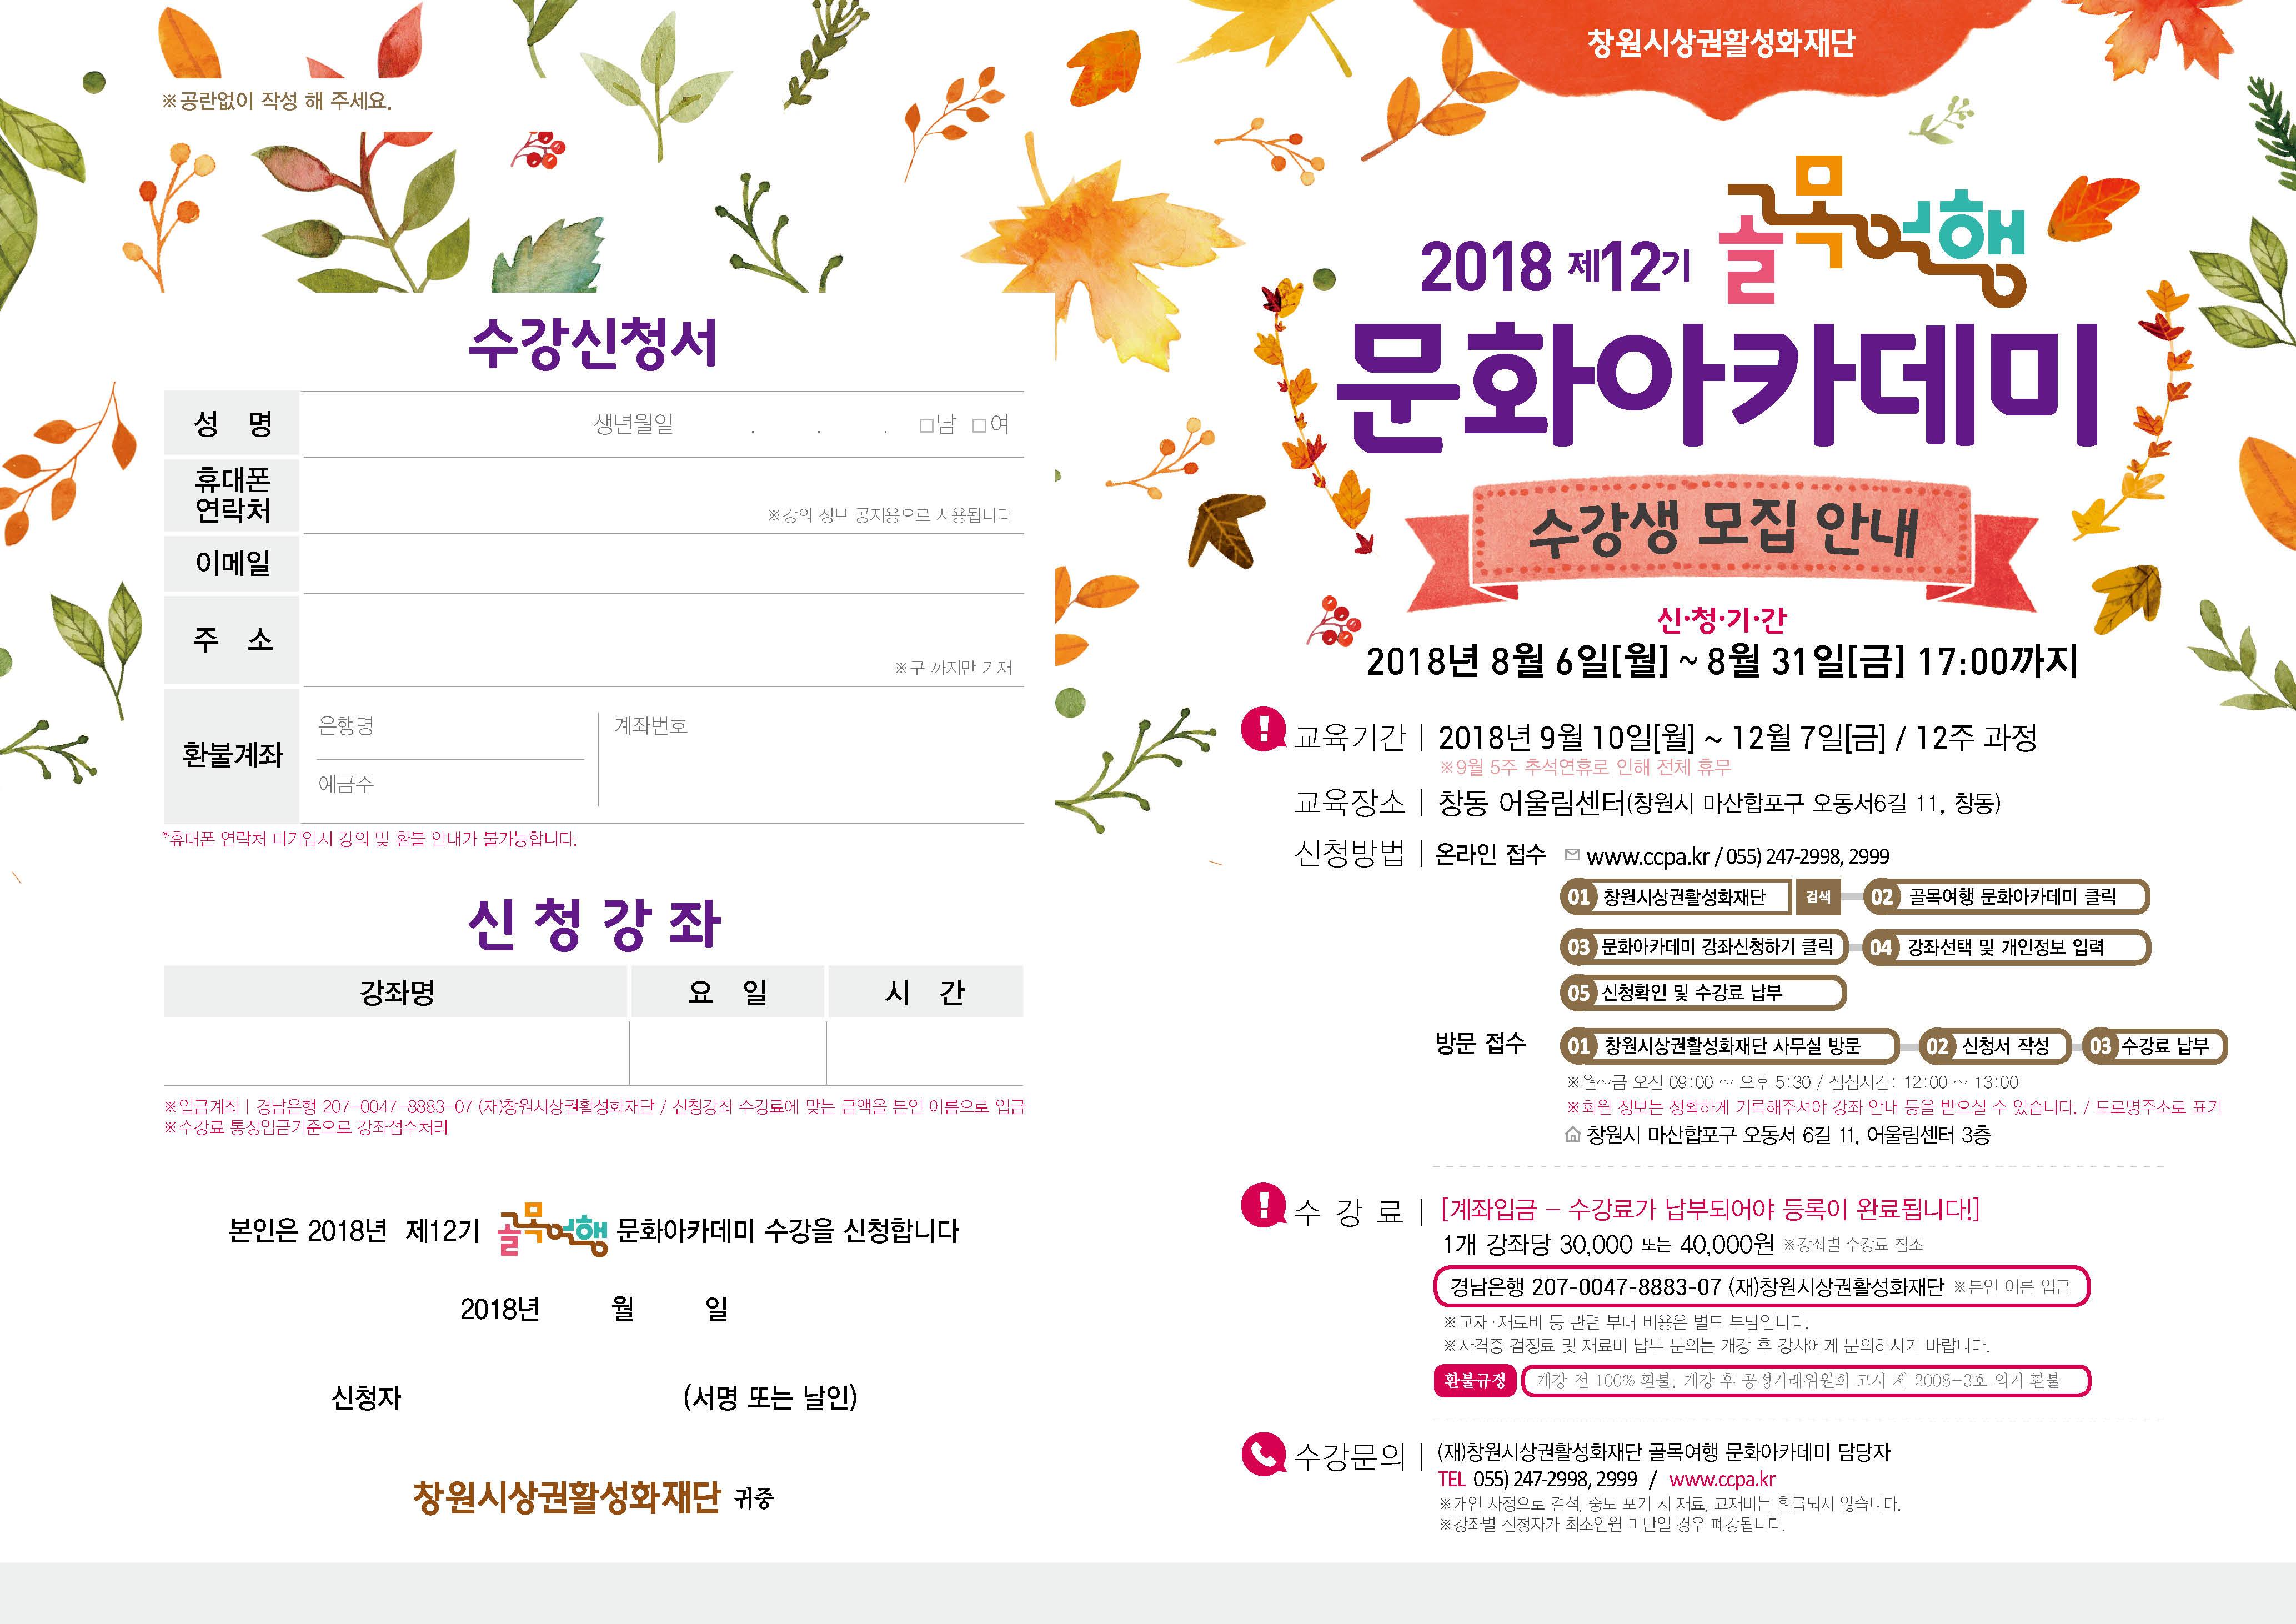 12기 문화아케데미 수강생 모집안내 (1).jpg